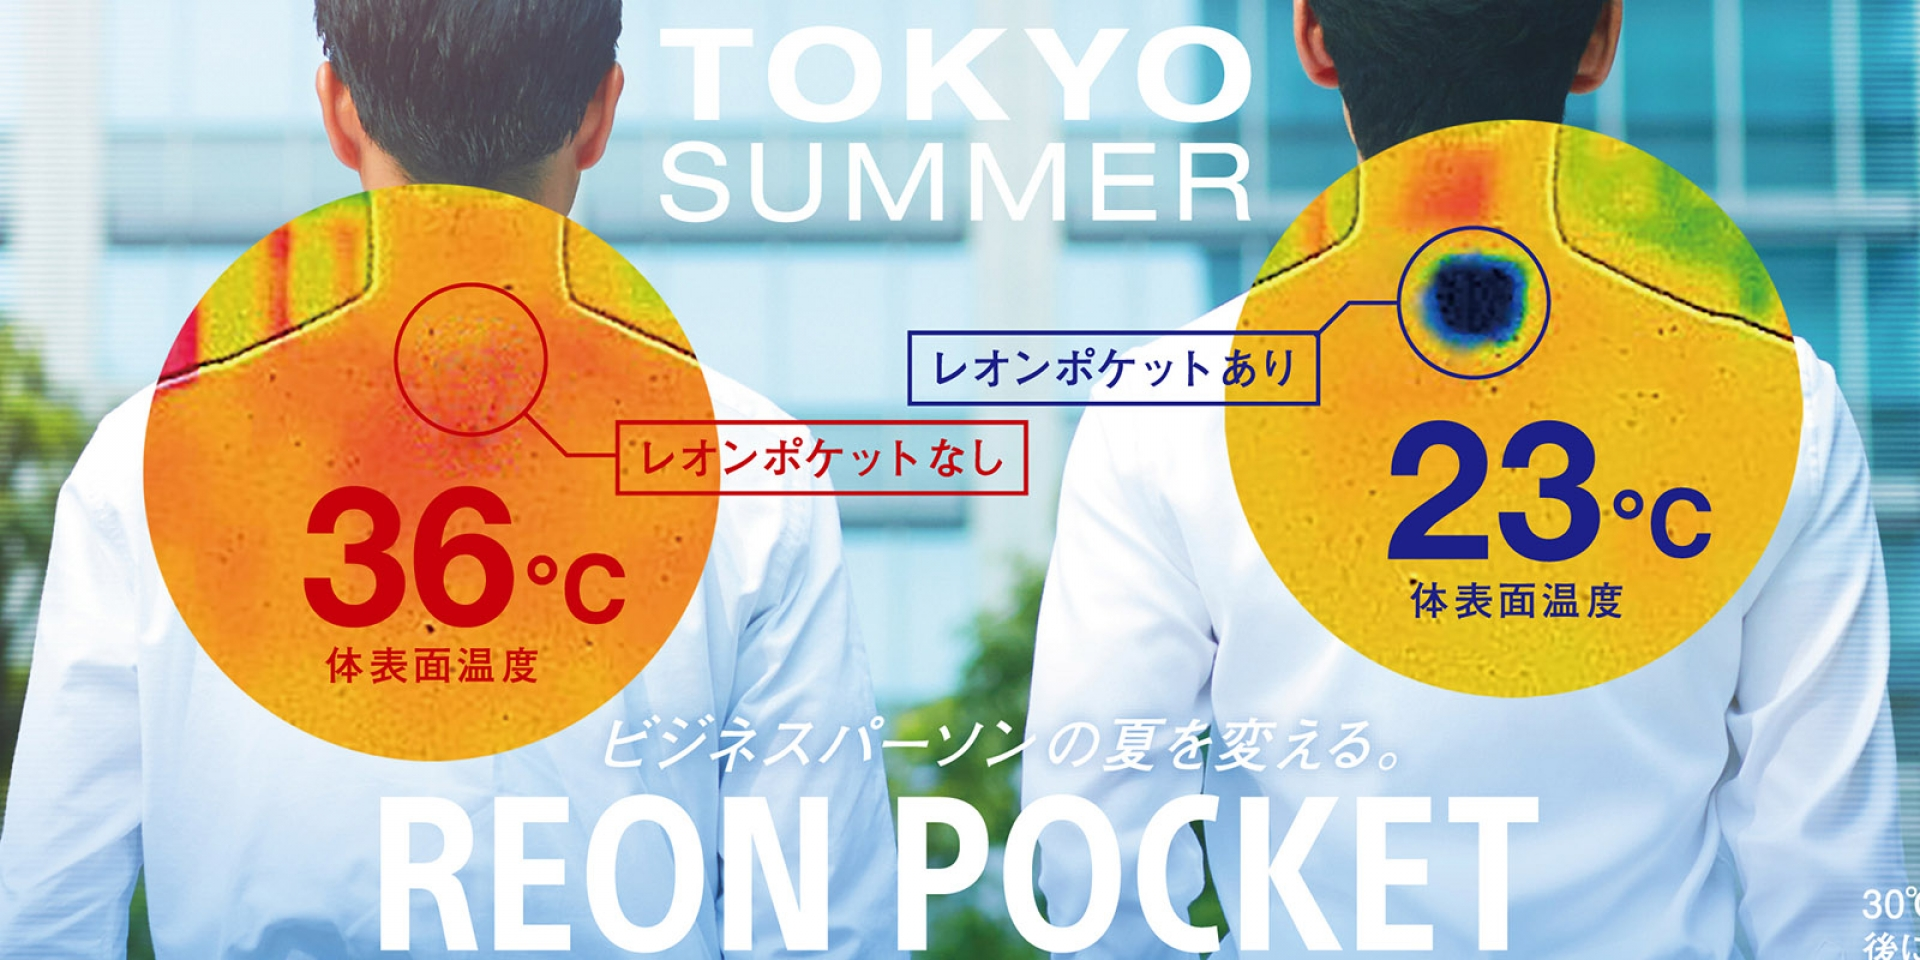 走到哪 吹到哪的冷氣,Reon Pocket隨身冷氣日本即將上市